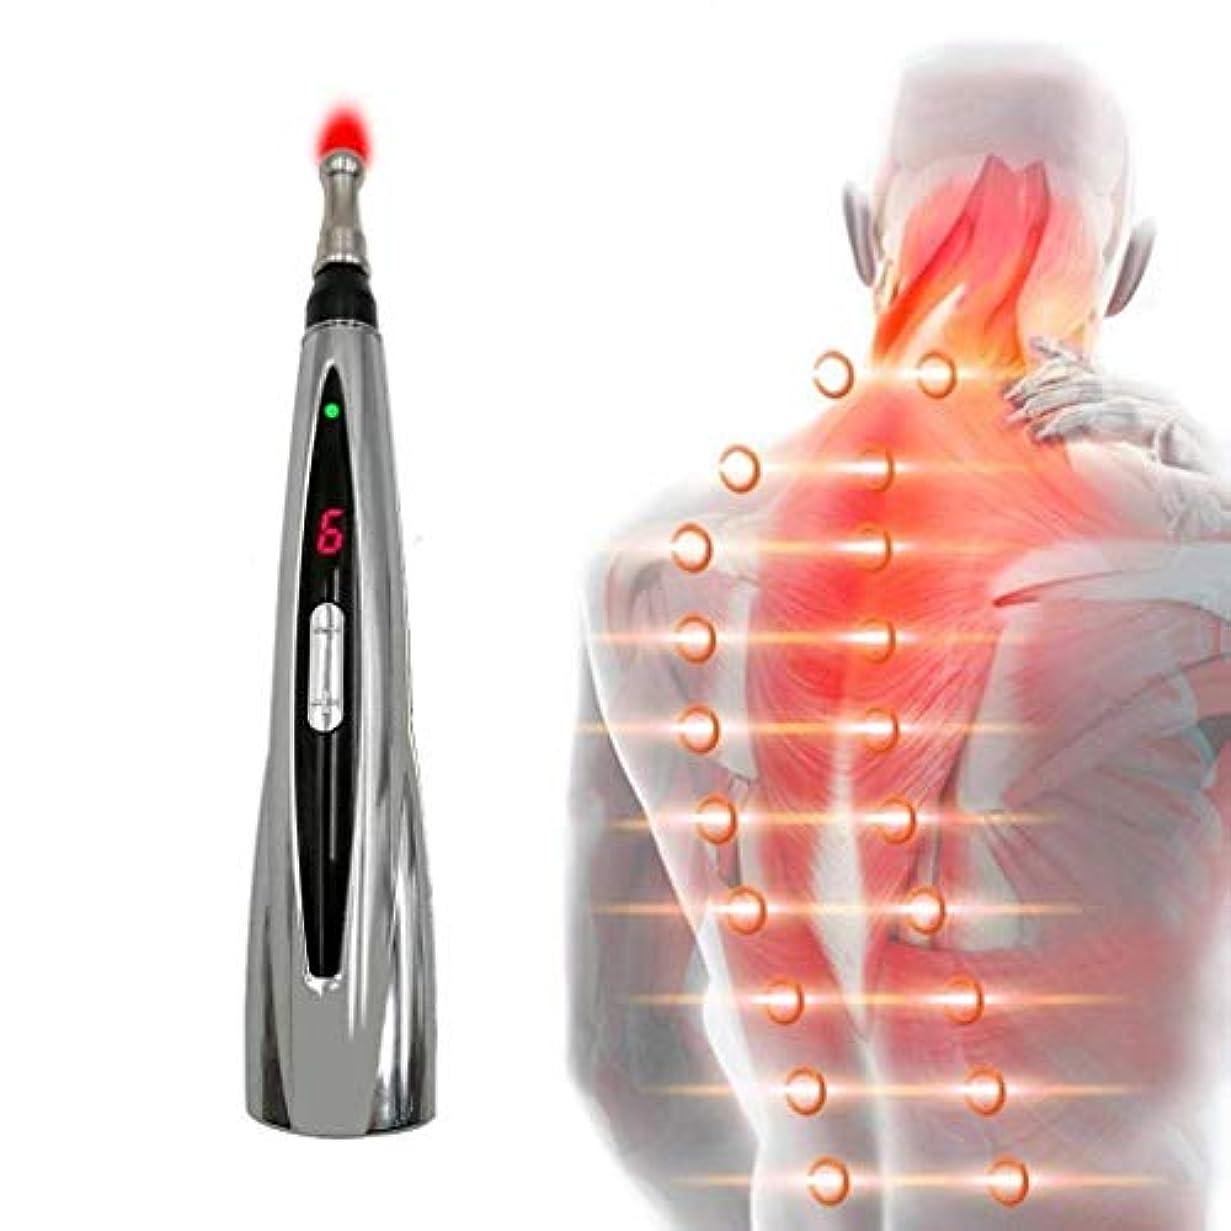 観客機会アイザック経絡ペン、電気鍼ツボペンは痛みを和らげることができ、体の首と首に適した電子経絡エネルギーペンマッサージを扱います